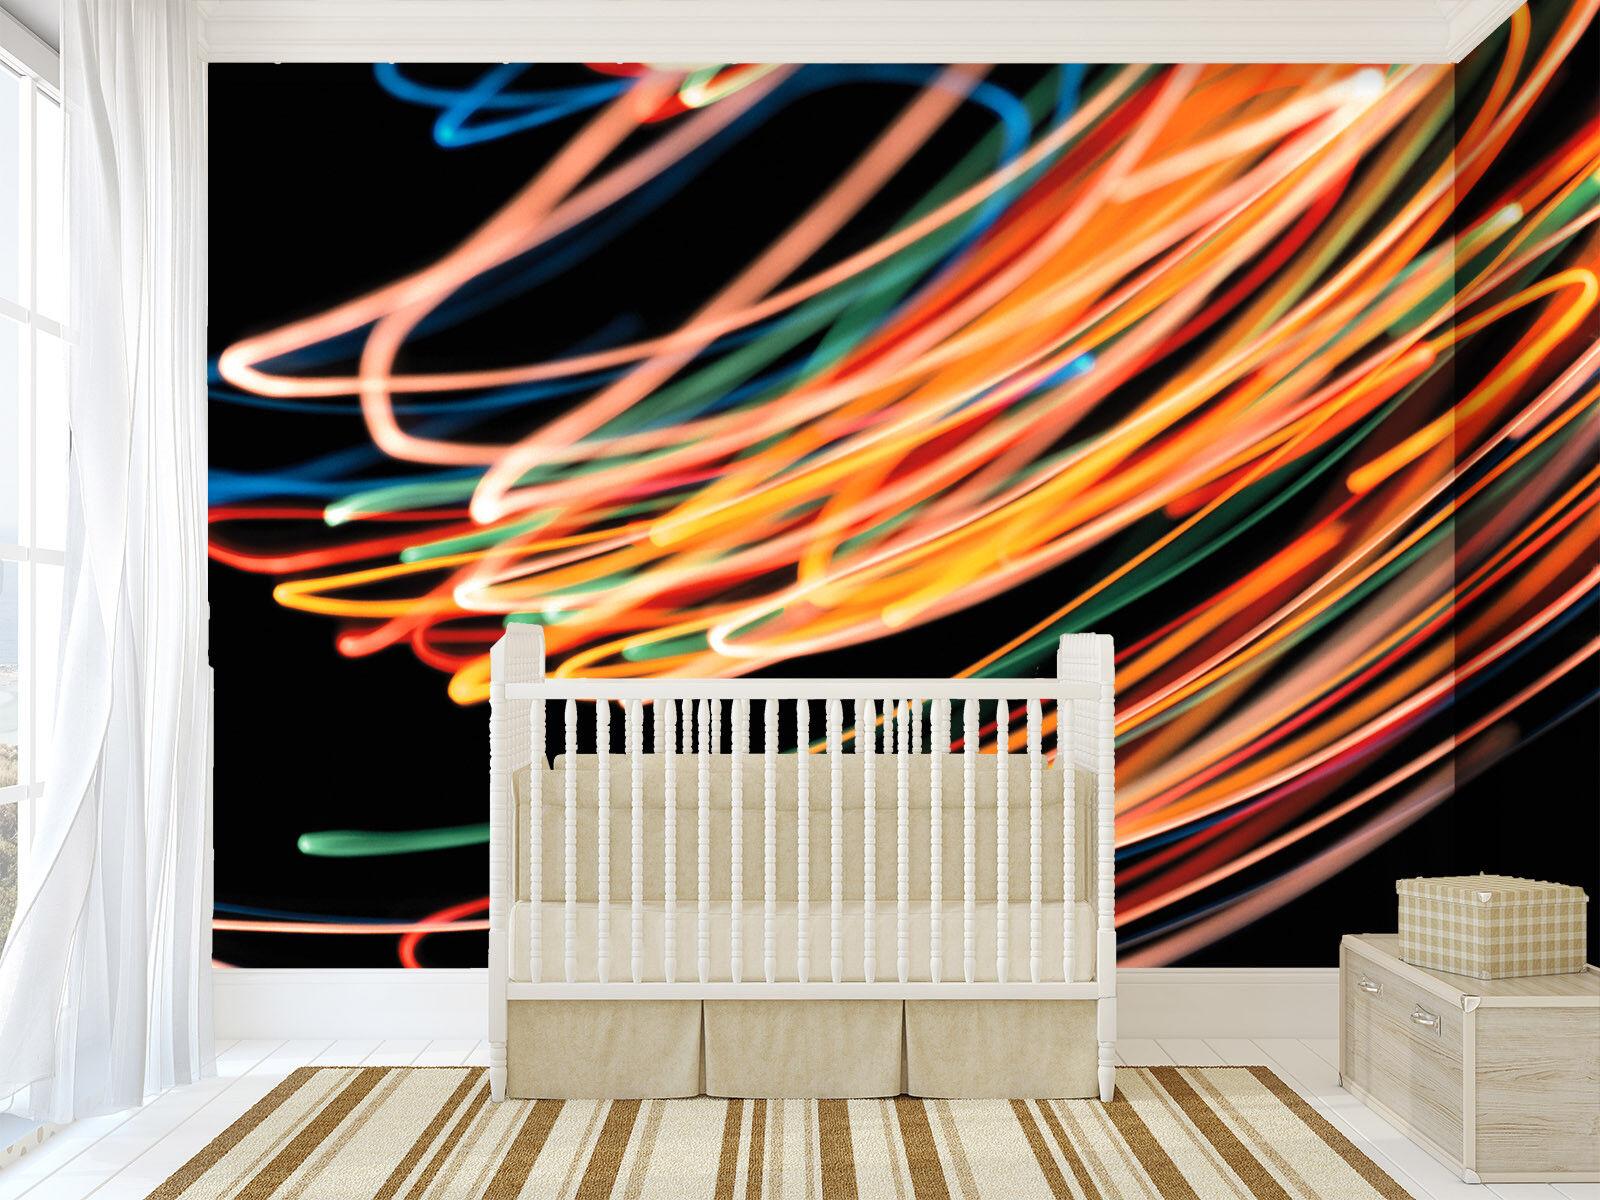 3D Farbiges Licht Schatten 73 Tapete Wandgemälde Tapete Tapeten Bild Familie DE